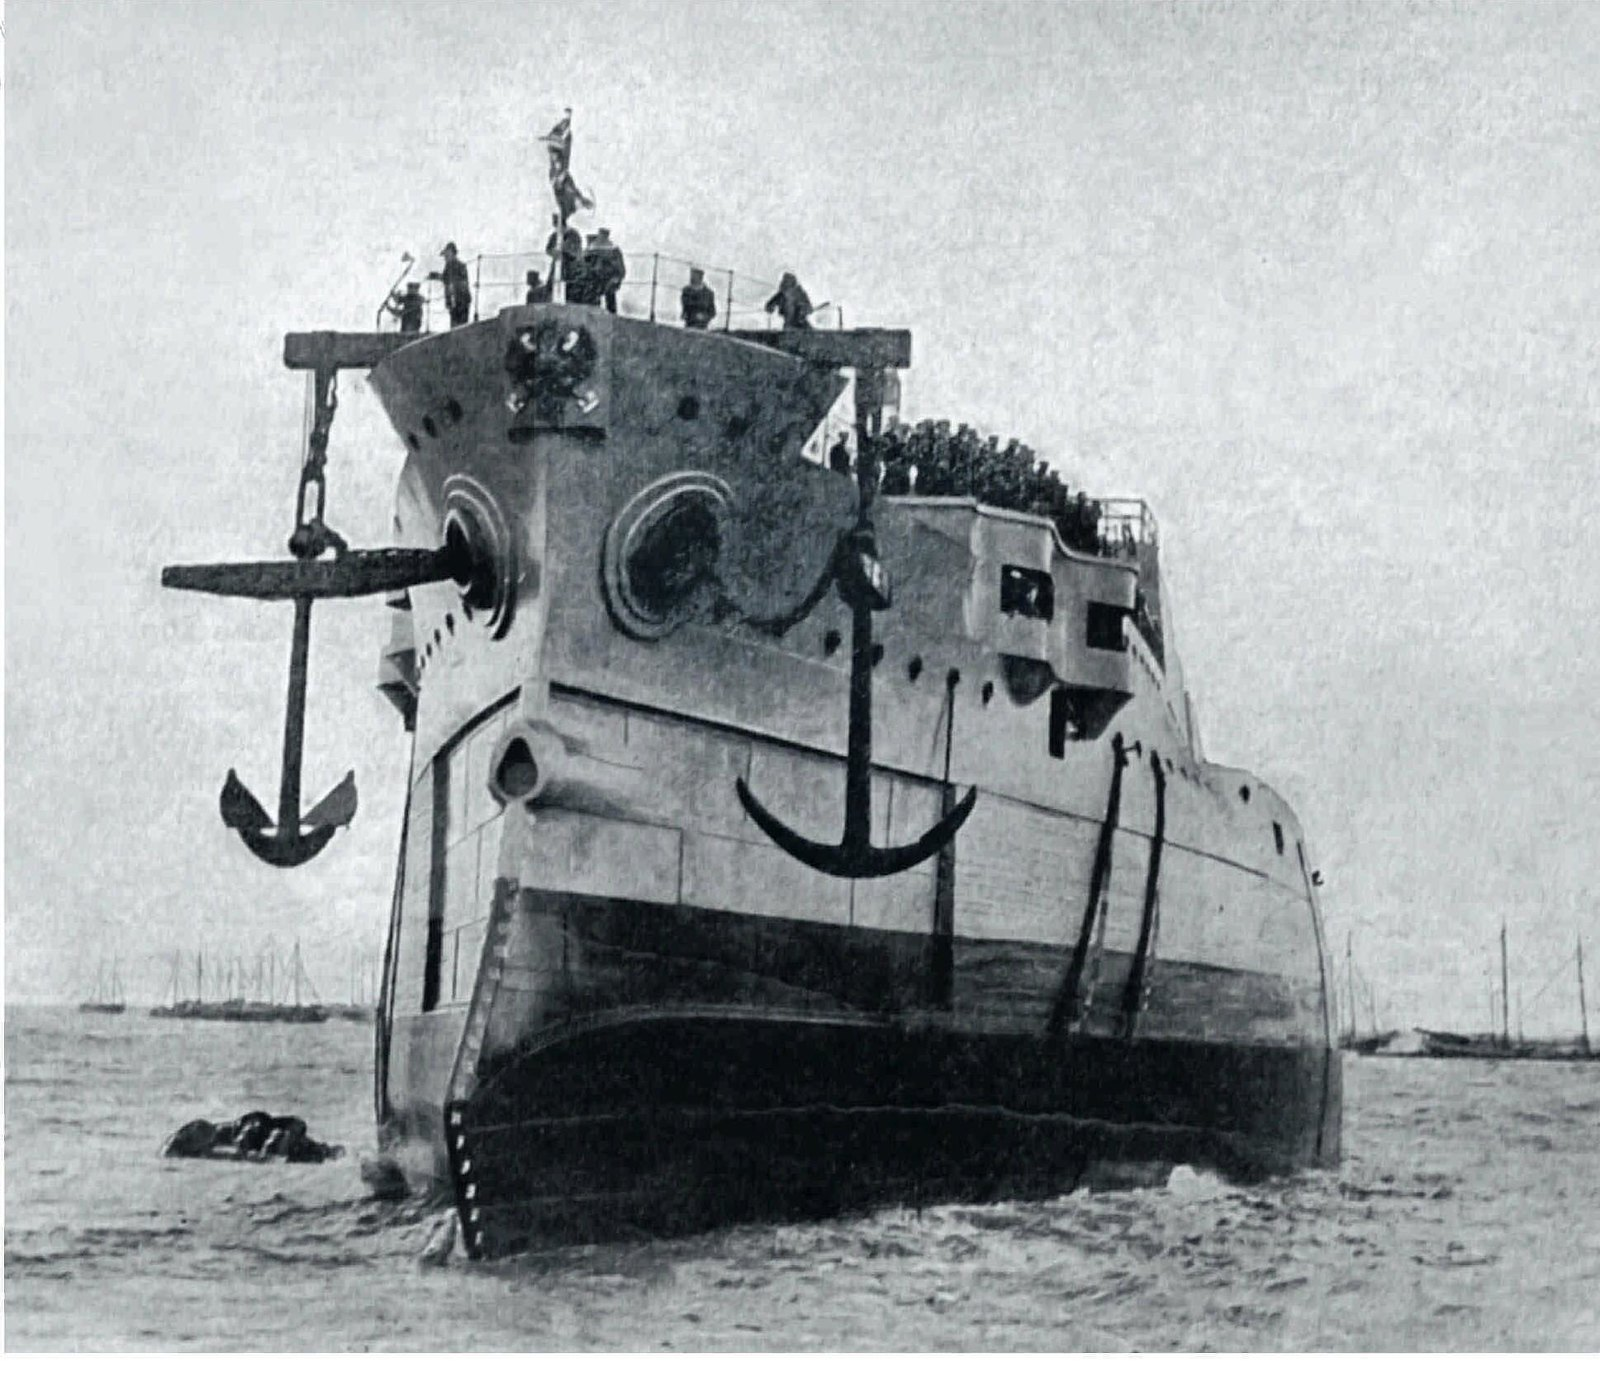 1902. Броненосец «Орёл», спущенный с эллинга Галерного острова. 6 июля